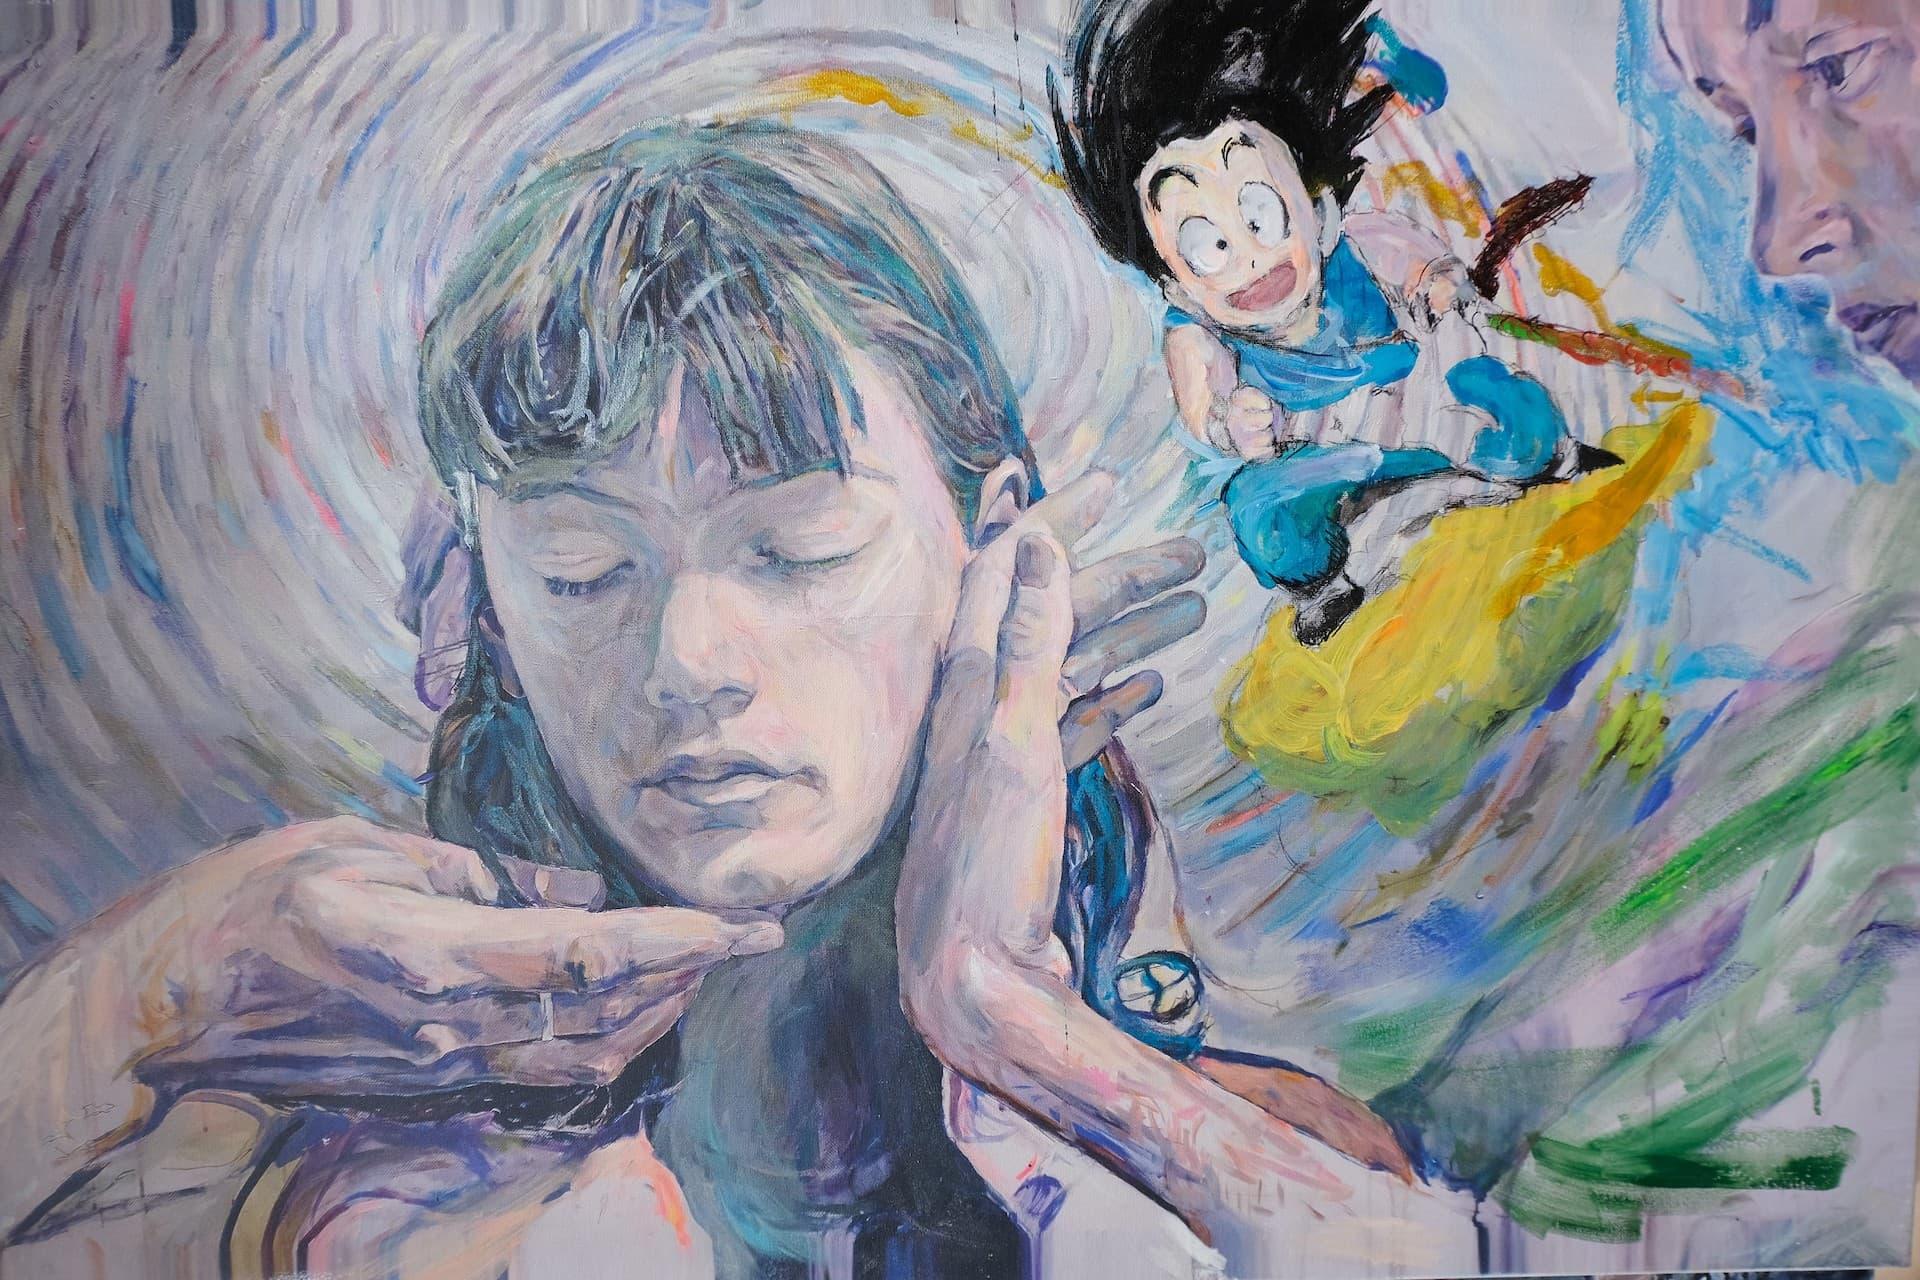 Fanny with Goku mixed media on canvas